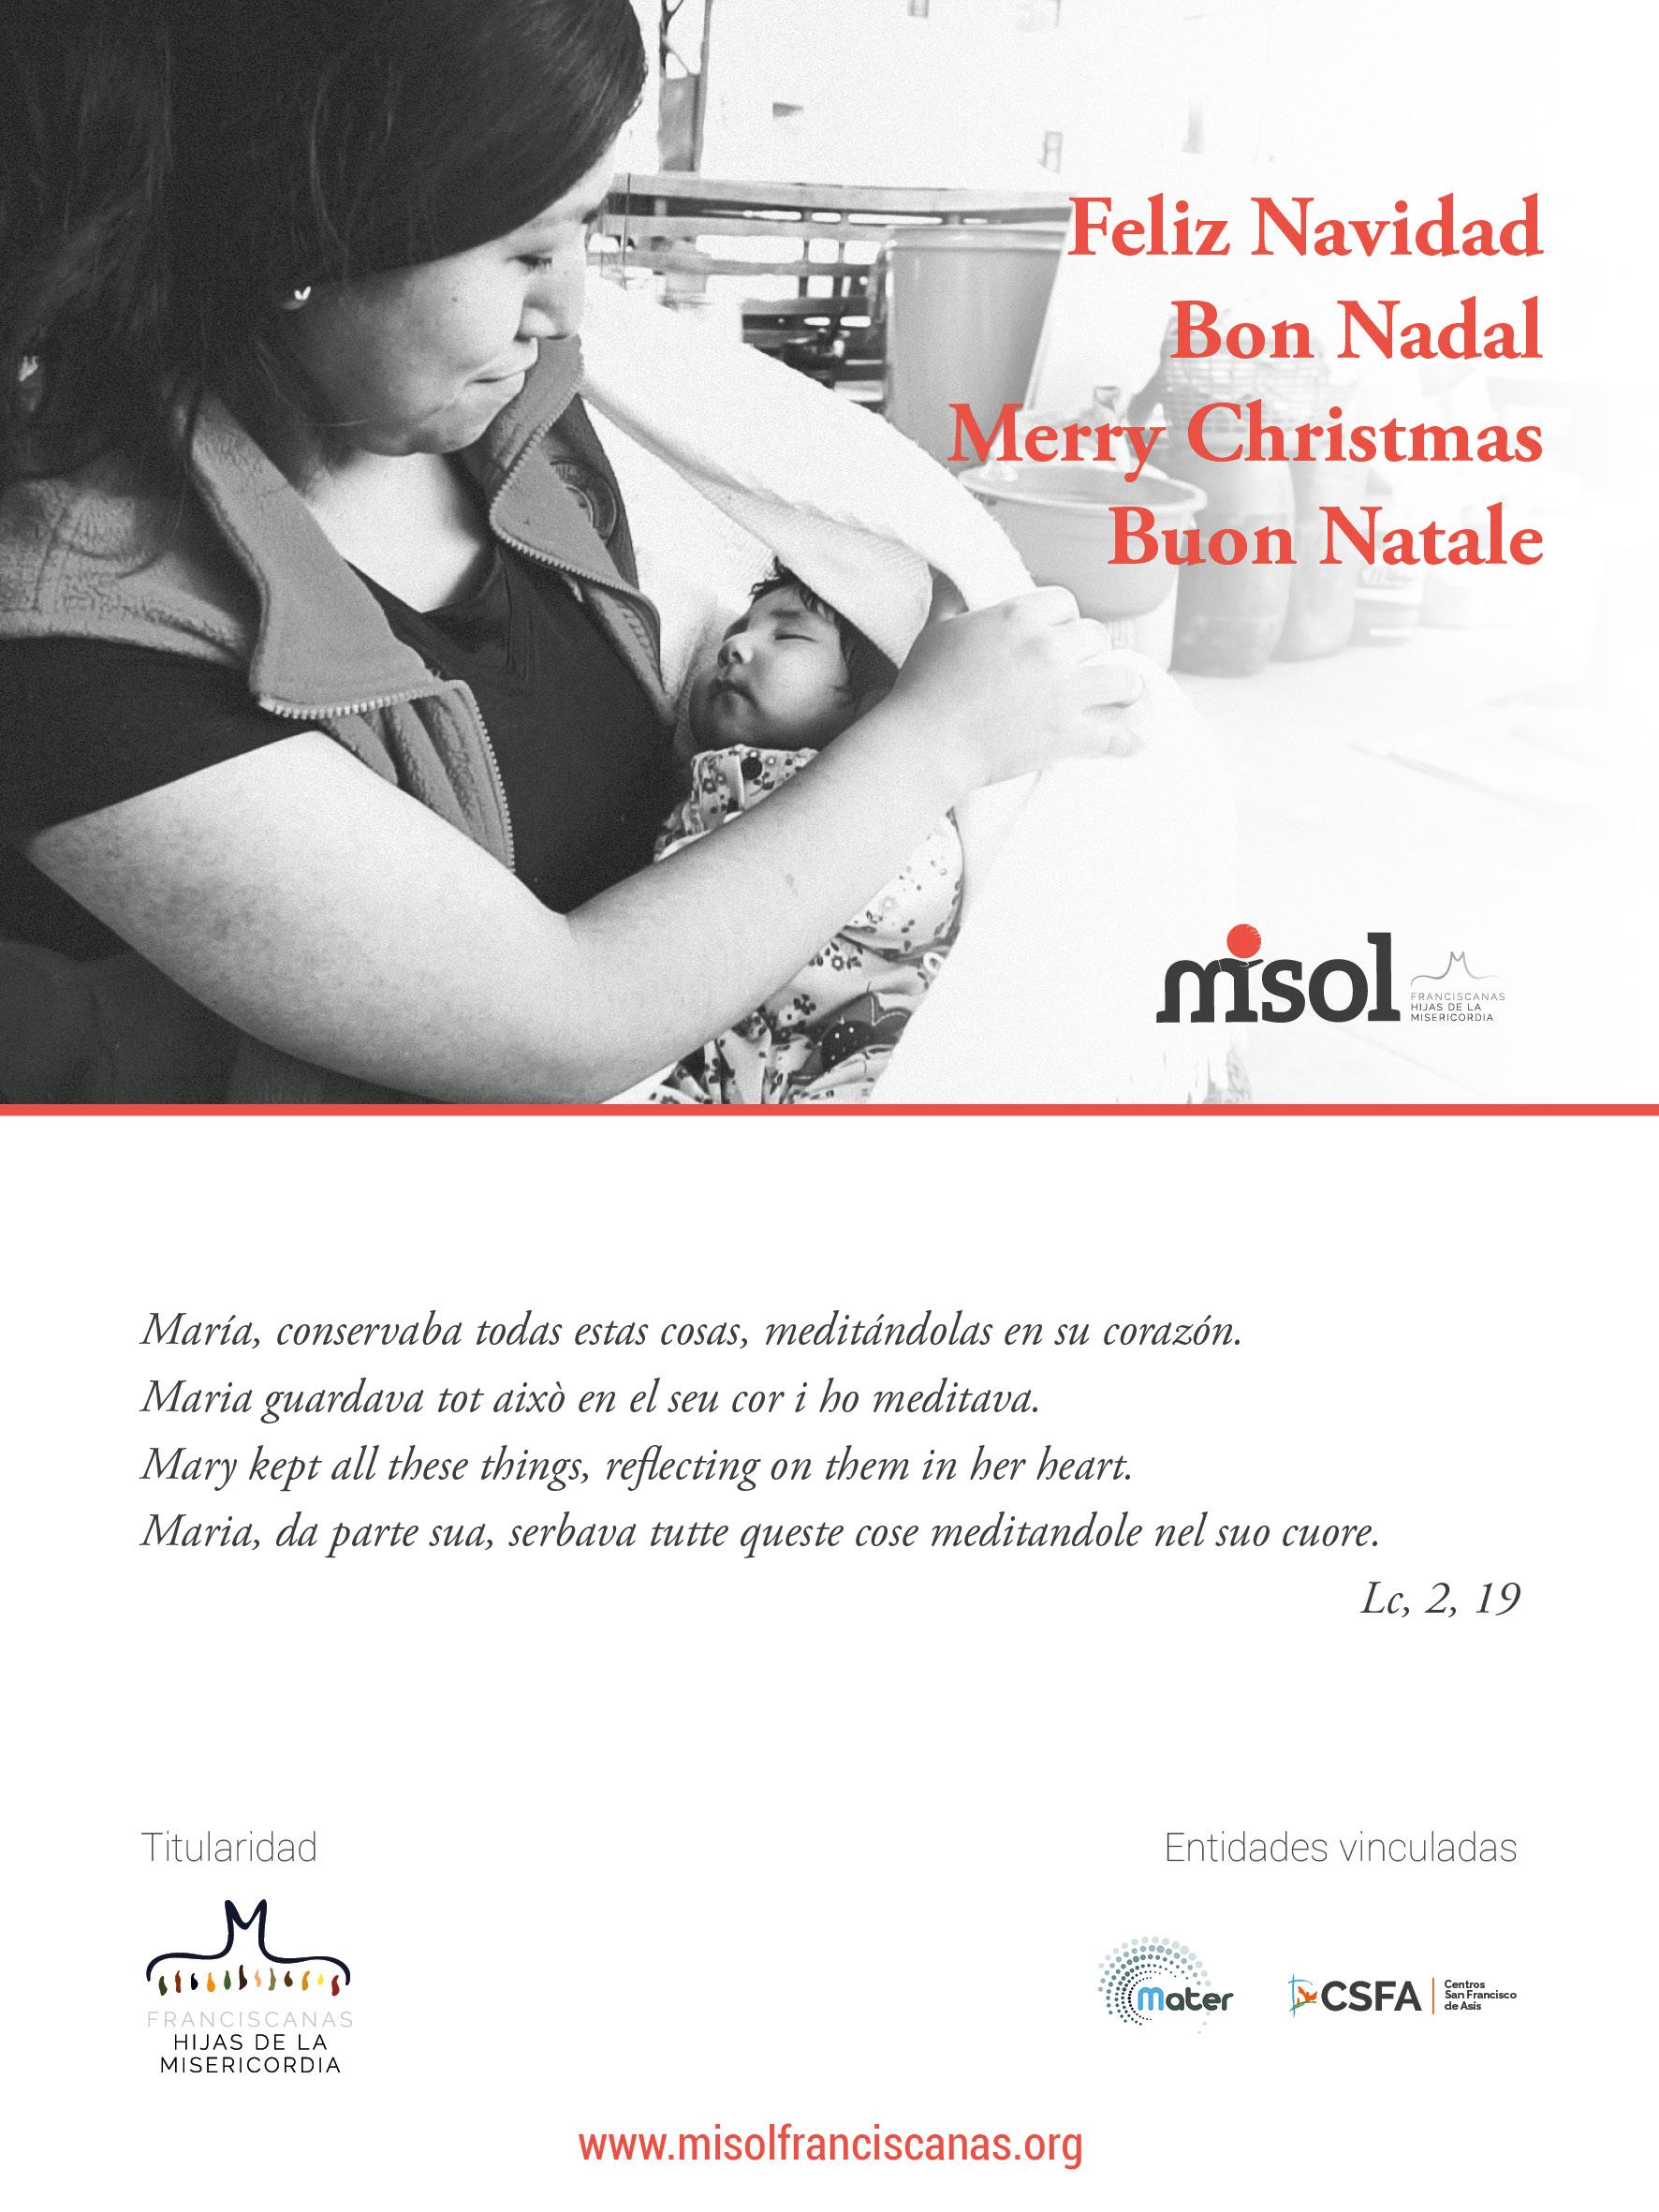 Navidad-Misol-2019